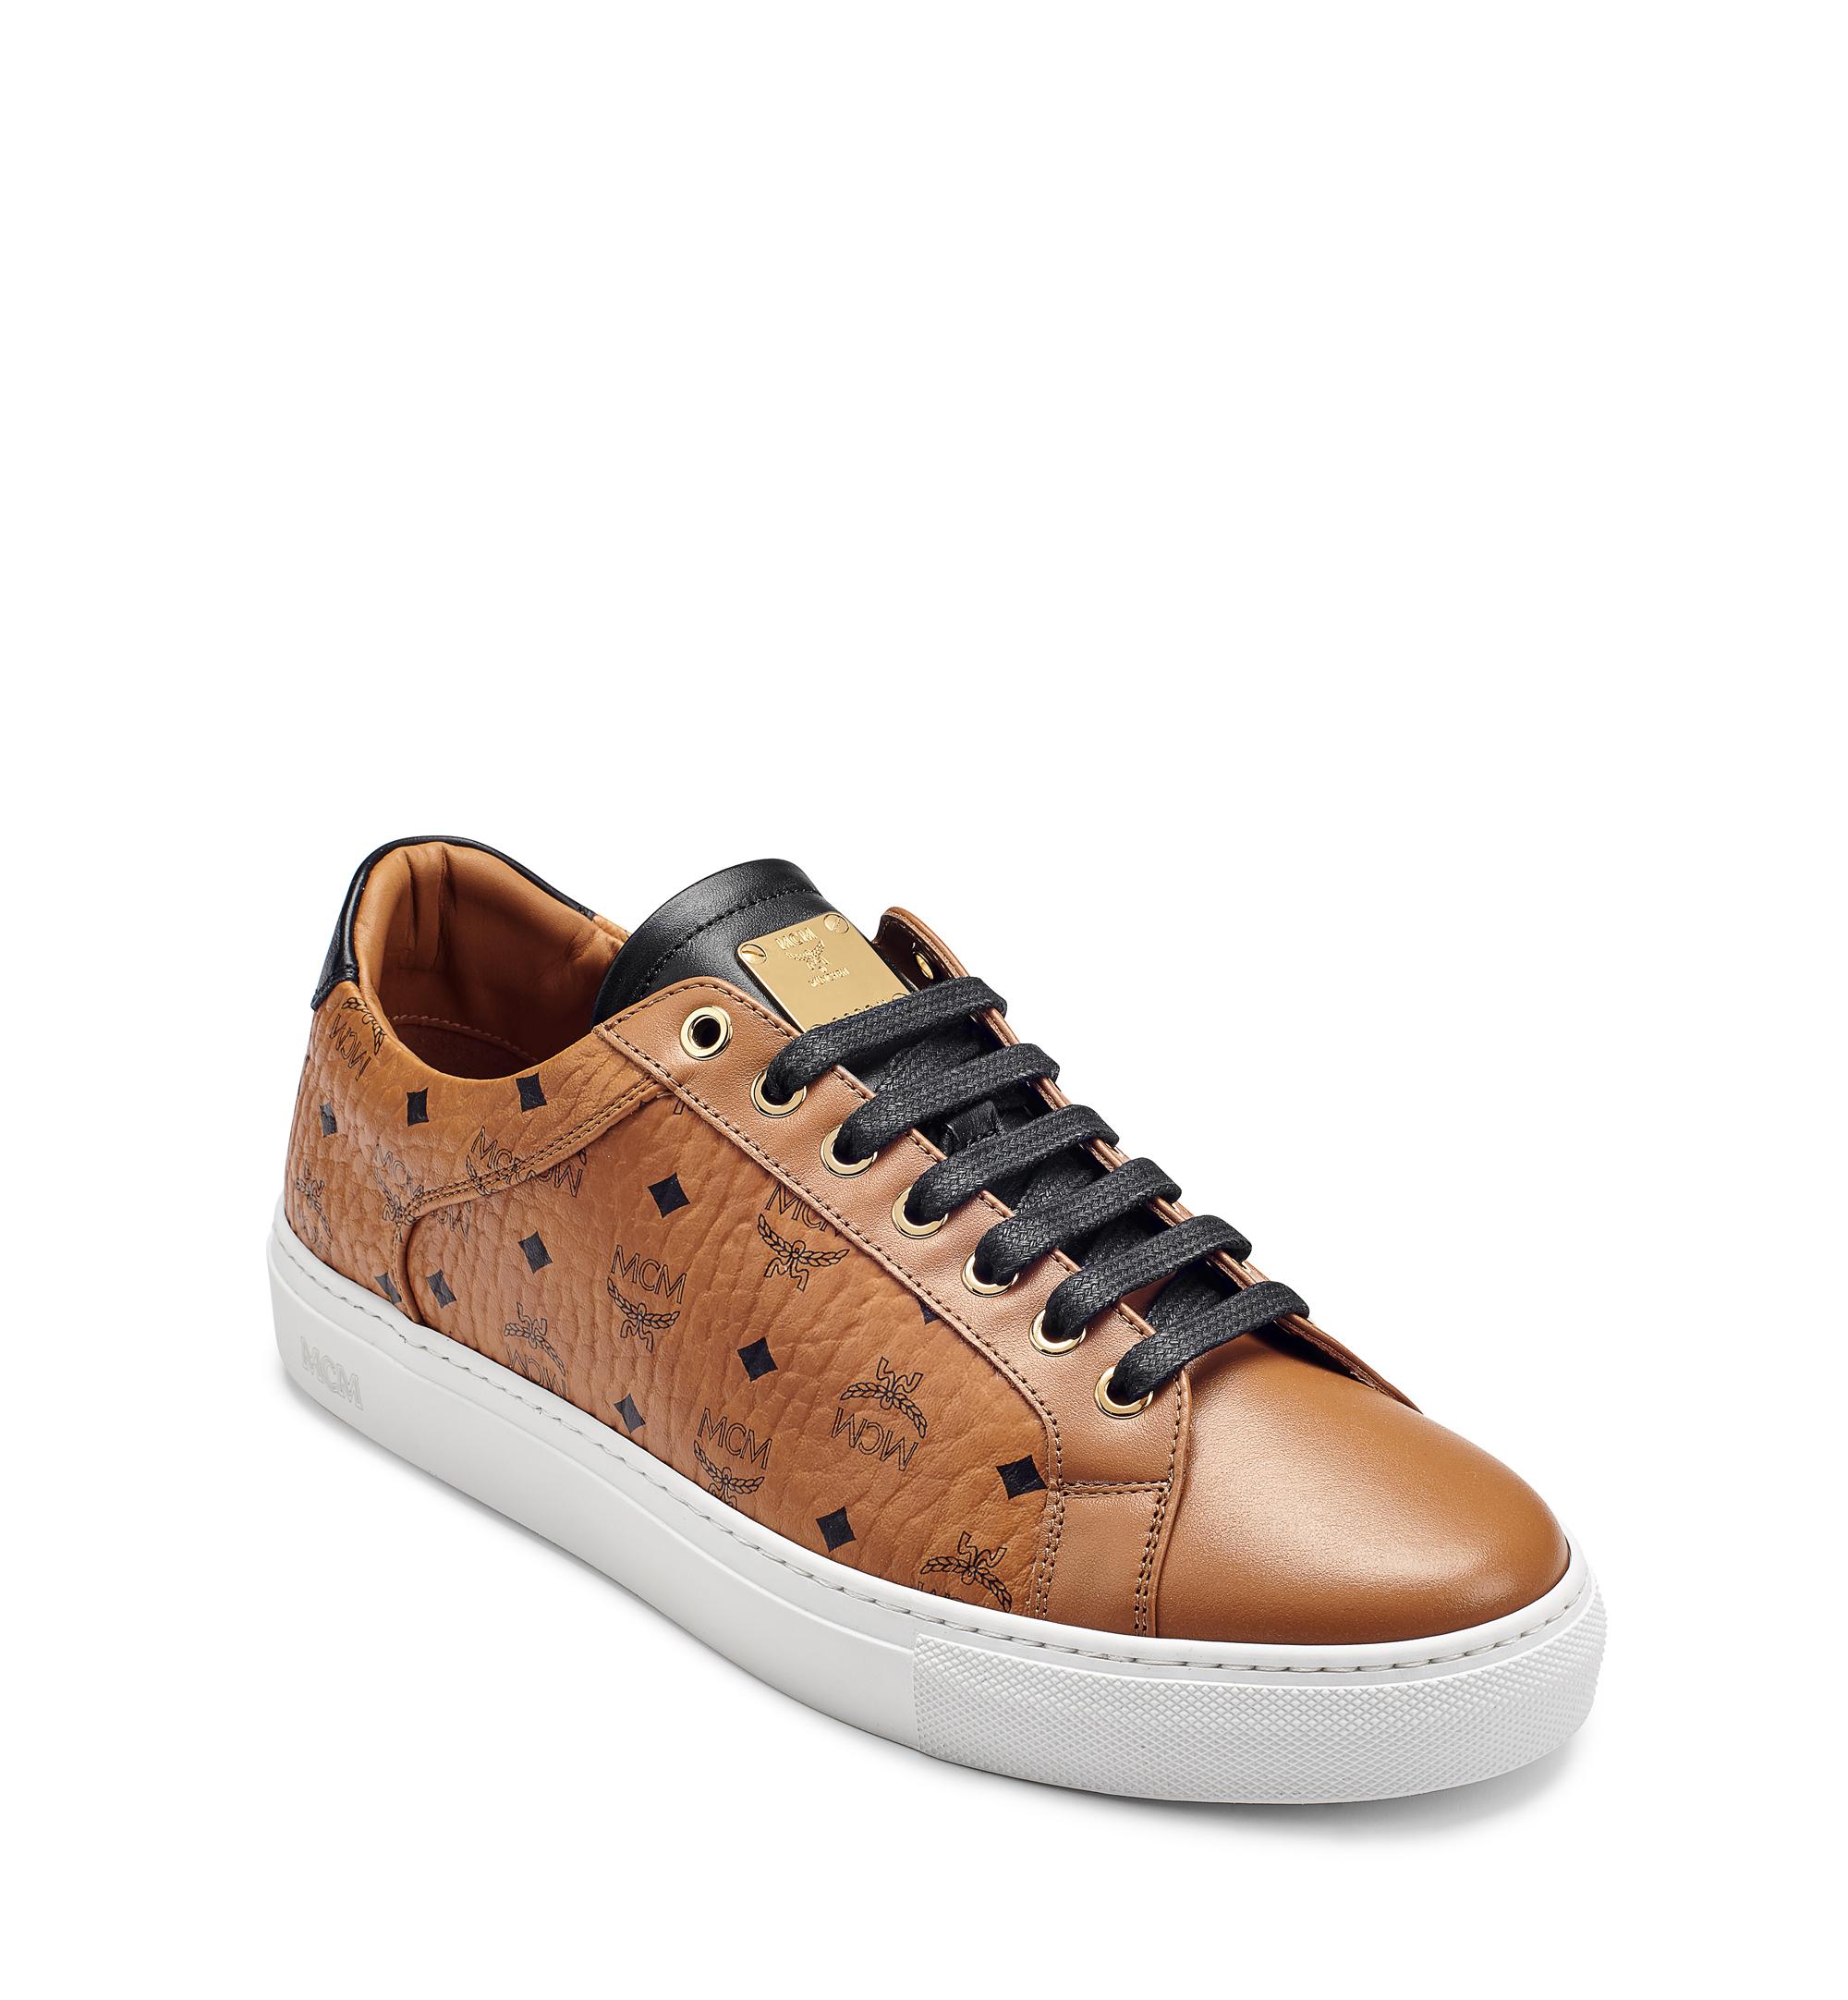 Photo: Men's Low Top Sneakers In Visetos